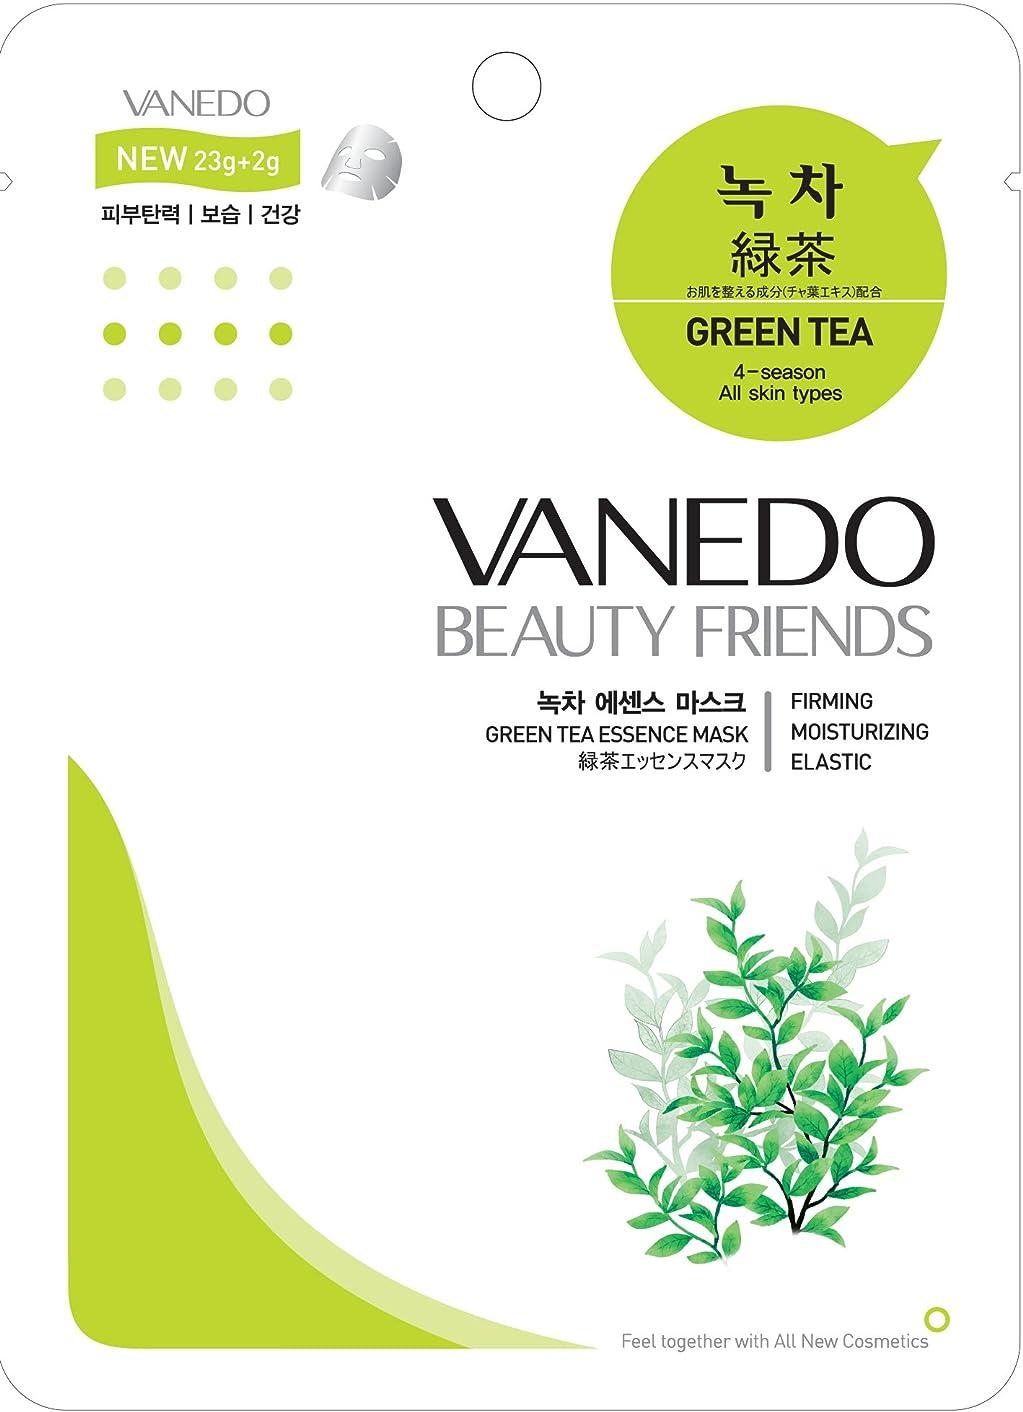 サイドボード手伝うピボット【VANEDO】バネド シートマスク 緑茶 10枚セット/エッセンス/保湿/フェイスマスク/フェイスパック/マスクパック/韓国コスメ [メール便]